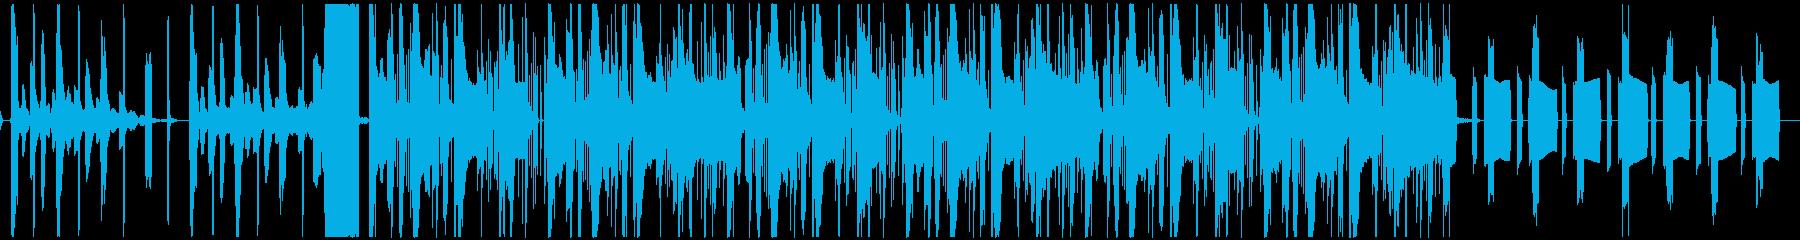 静かめhiphop エレクトロニカの再生済みの波形